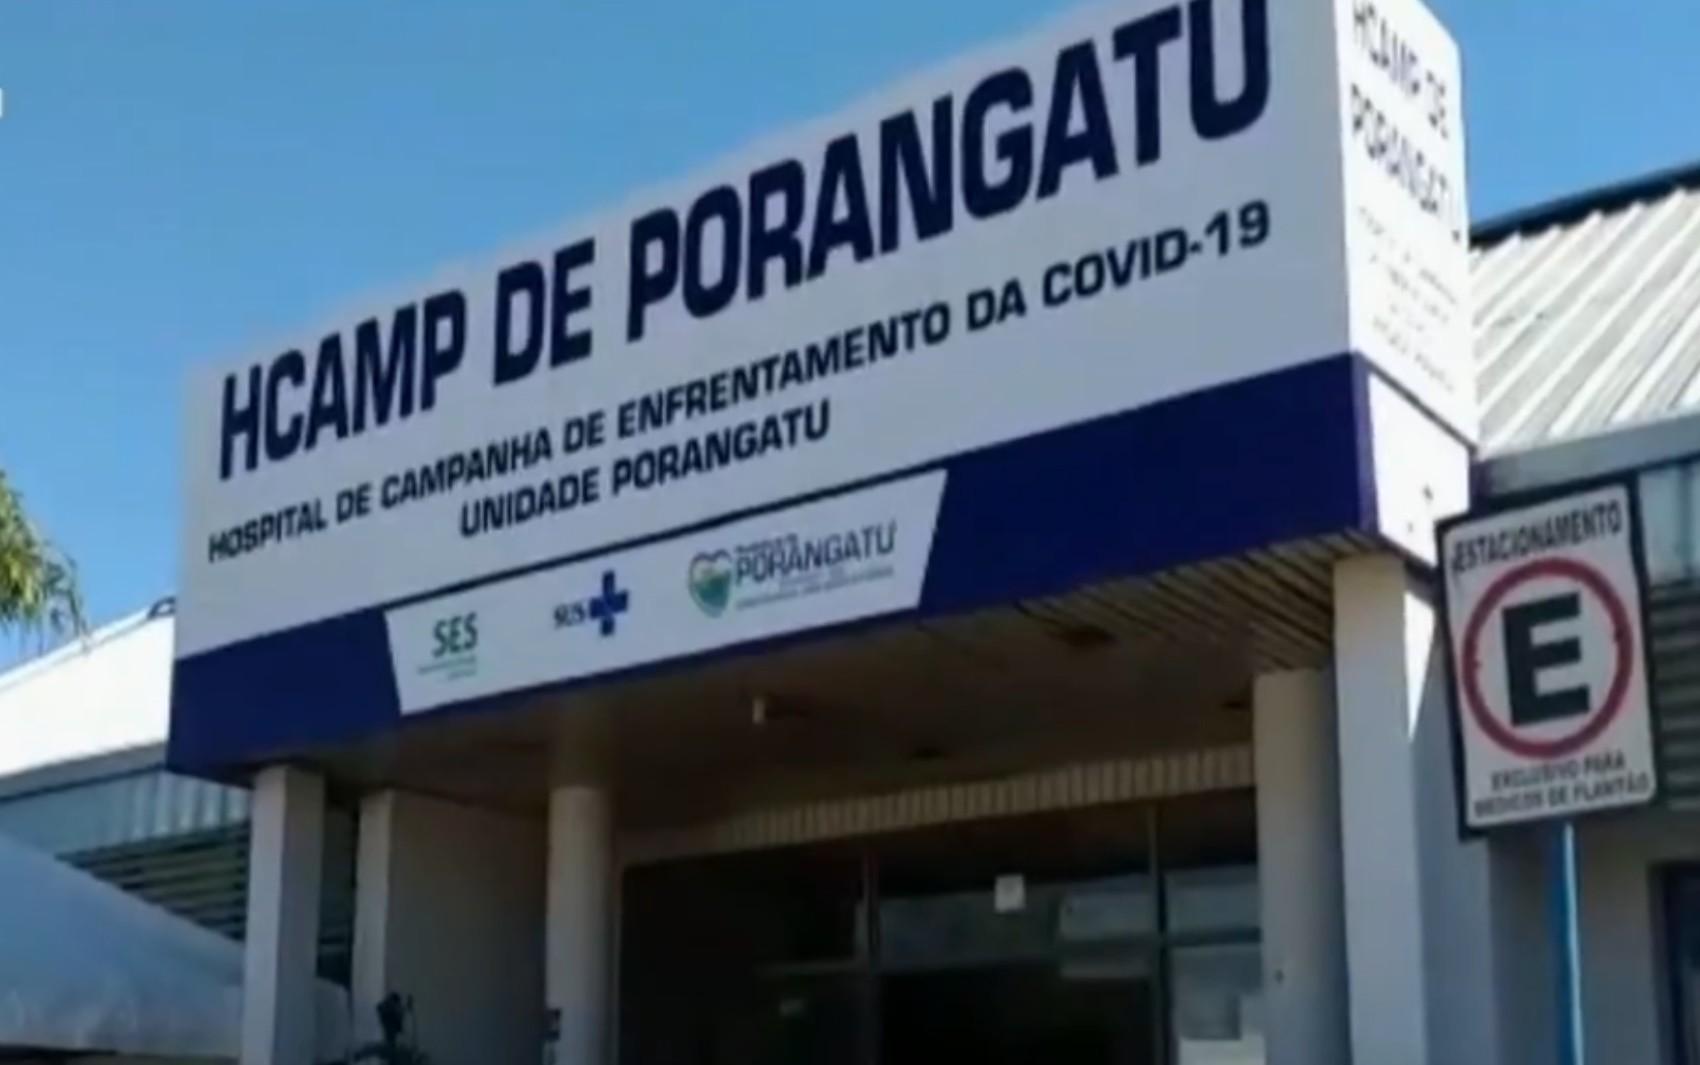 Hospital de Campanha de Porangatu está aberto, mas ainda não recebeu pacientes